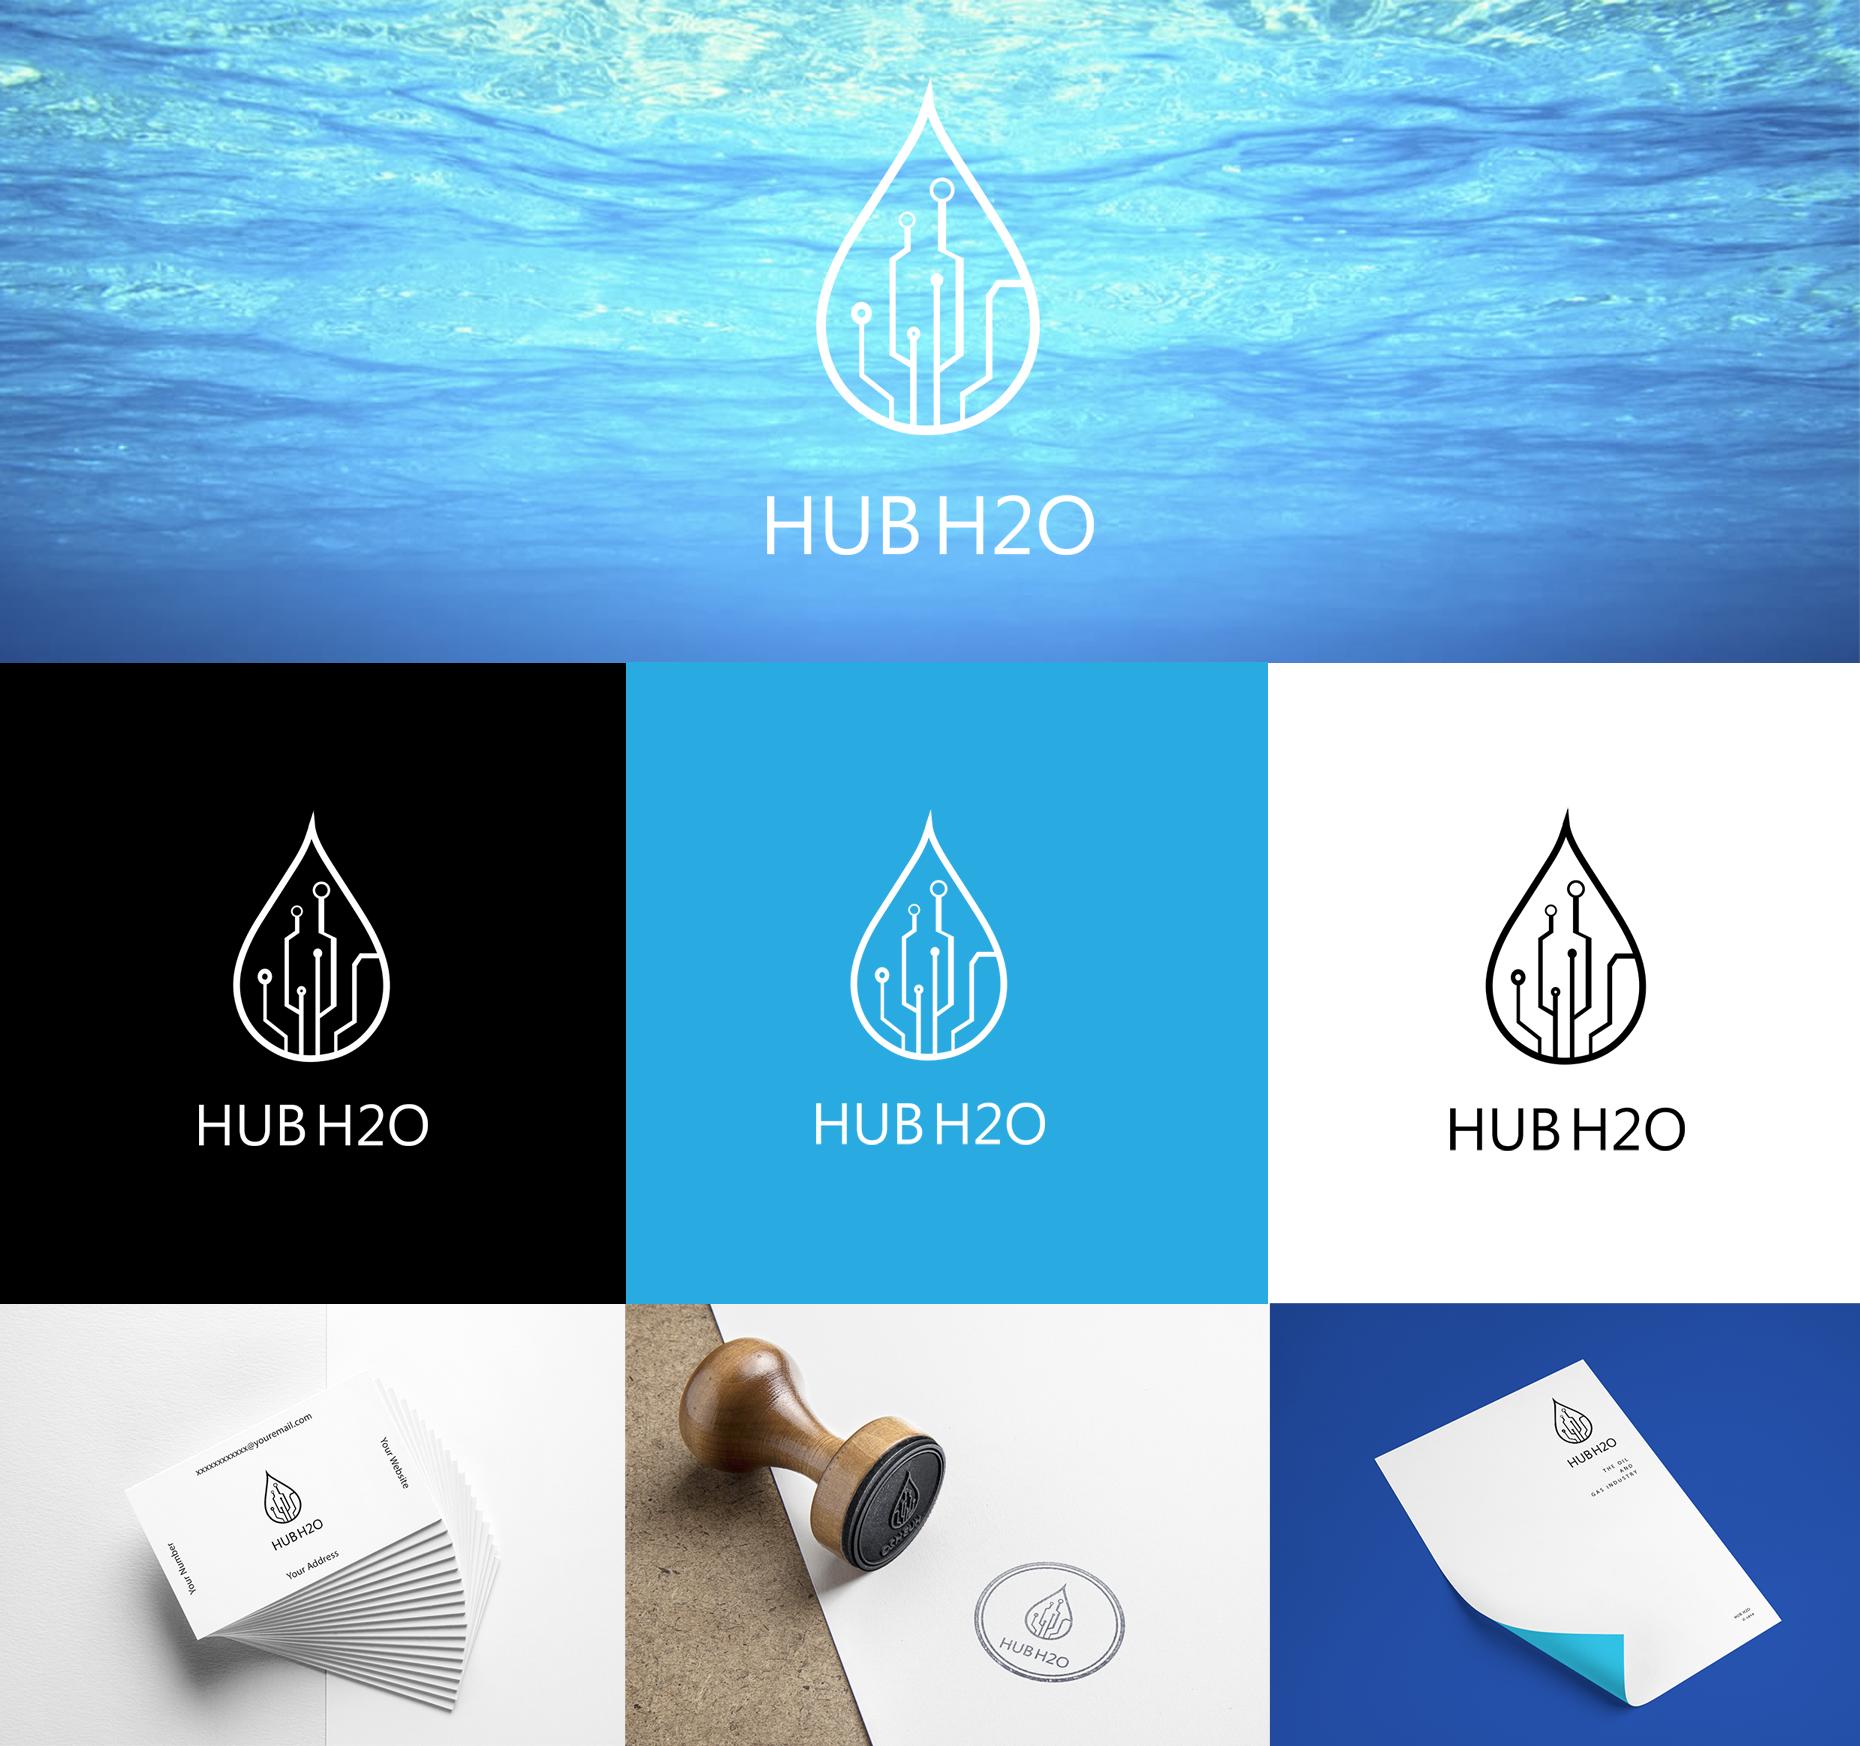 HUBH2O